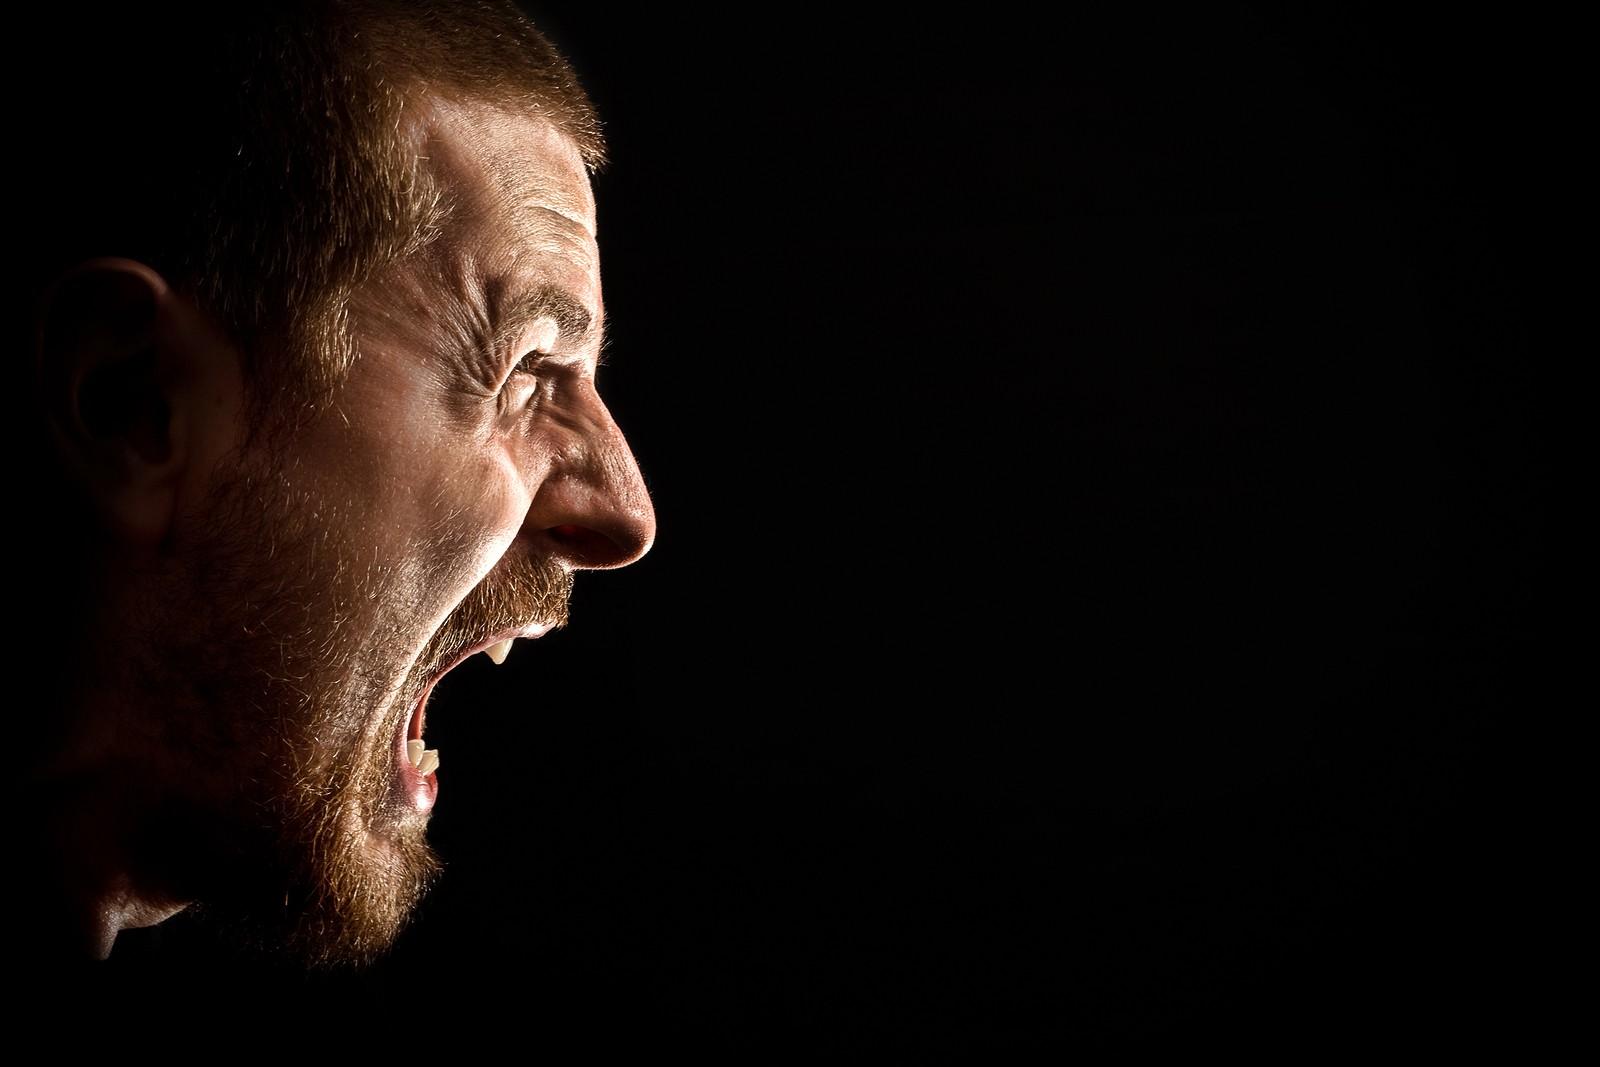 How Do I Overcome Anger